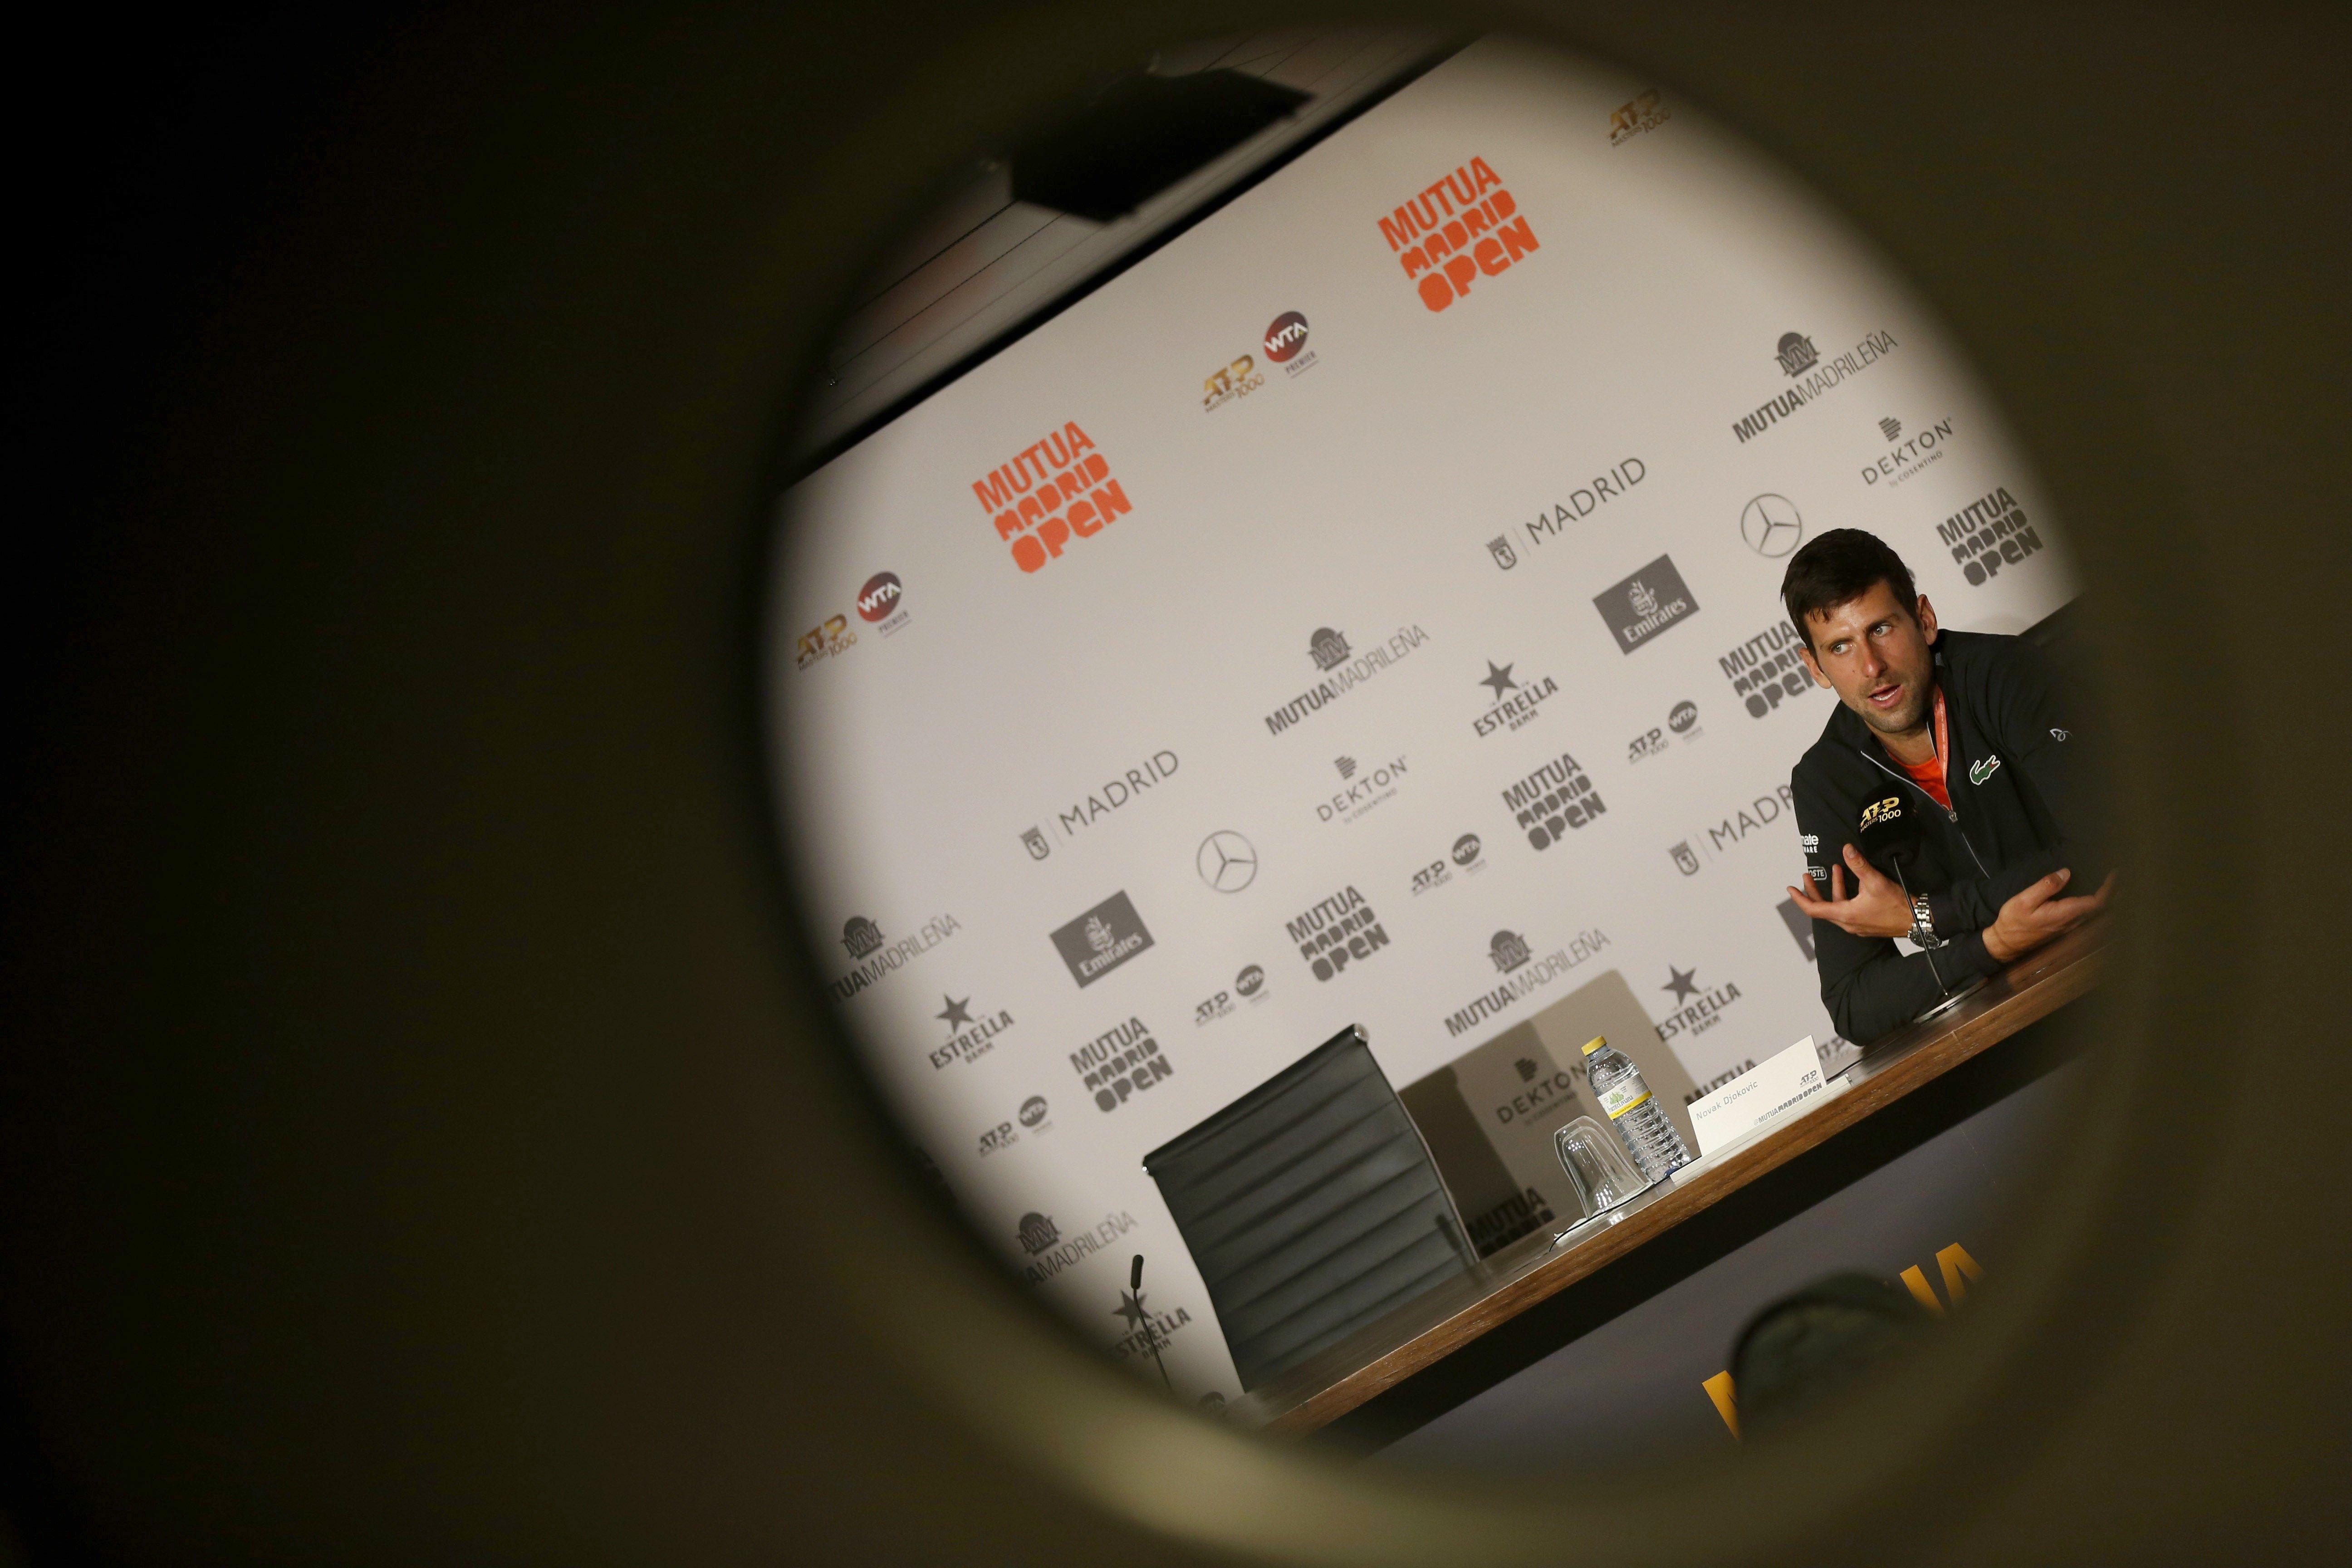 El tenista serbio Novak Djokovic, y su influencia en el mundo del tenis. (Foto Prensa Libre: EFE)